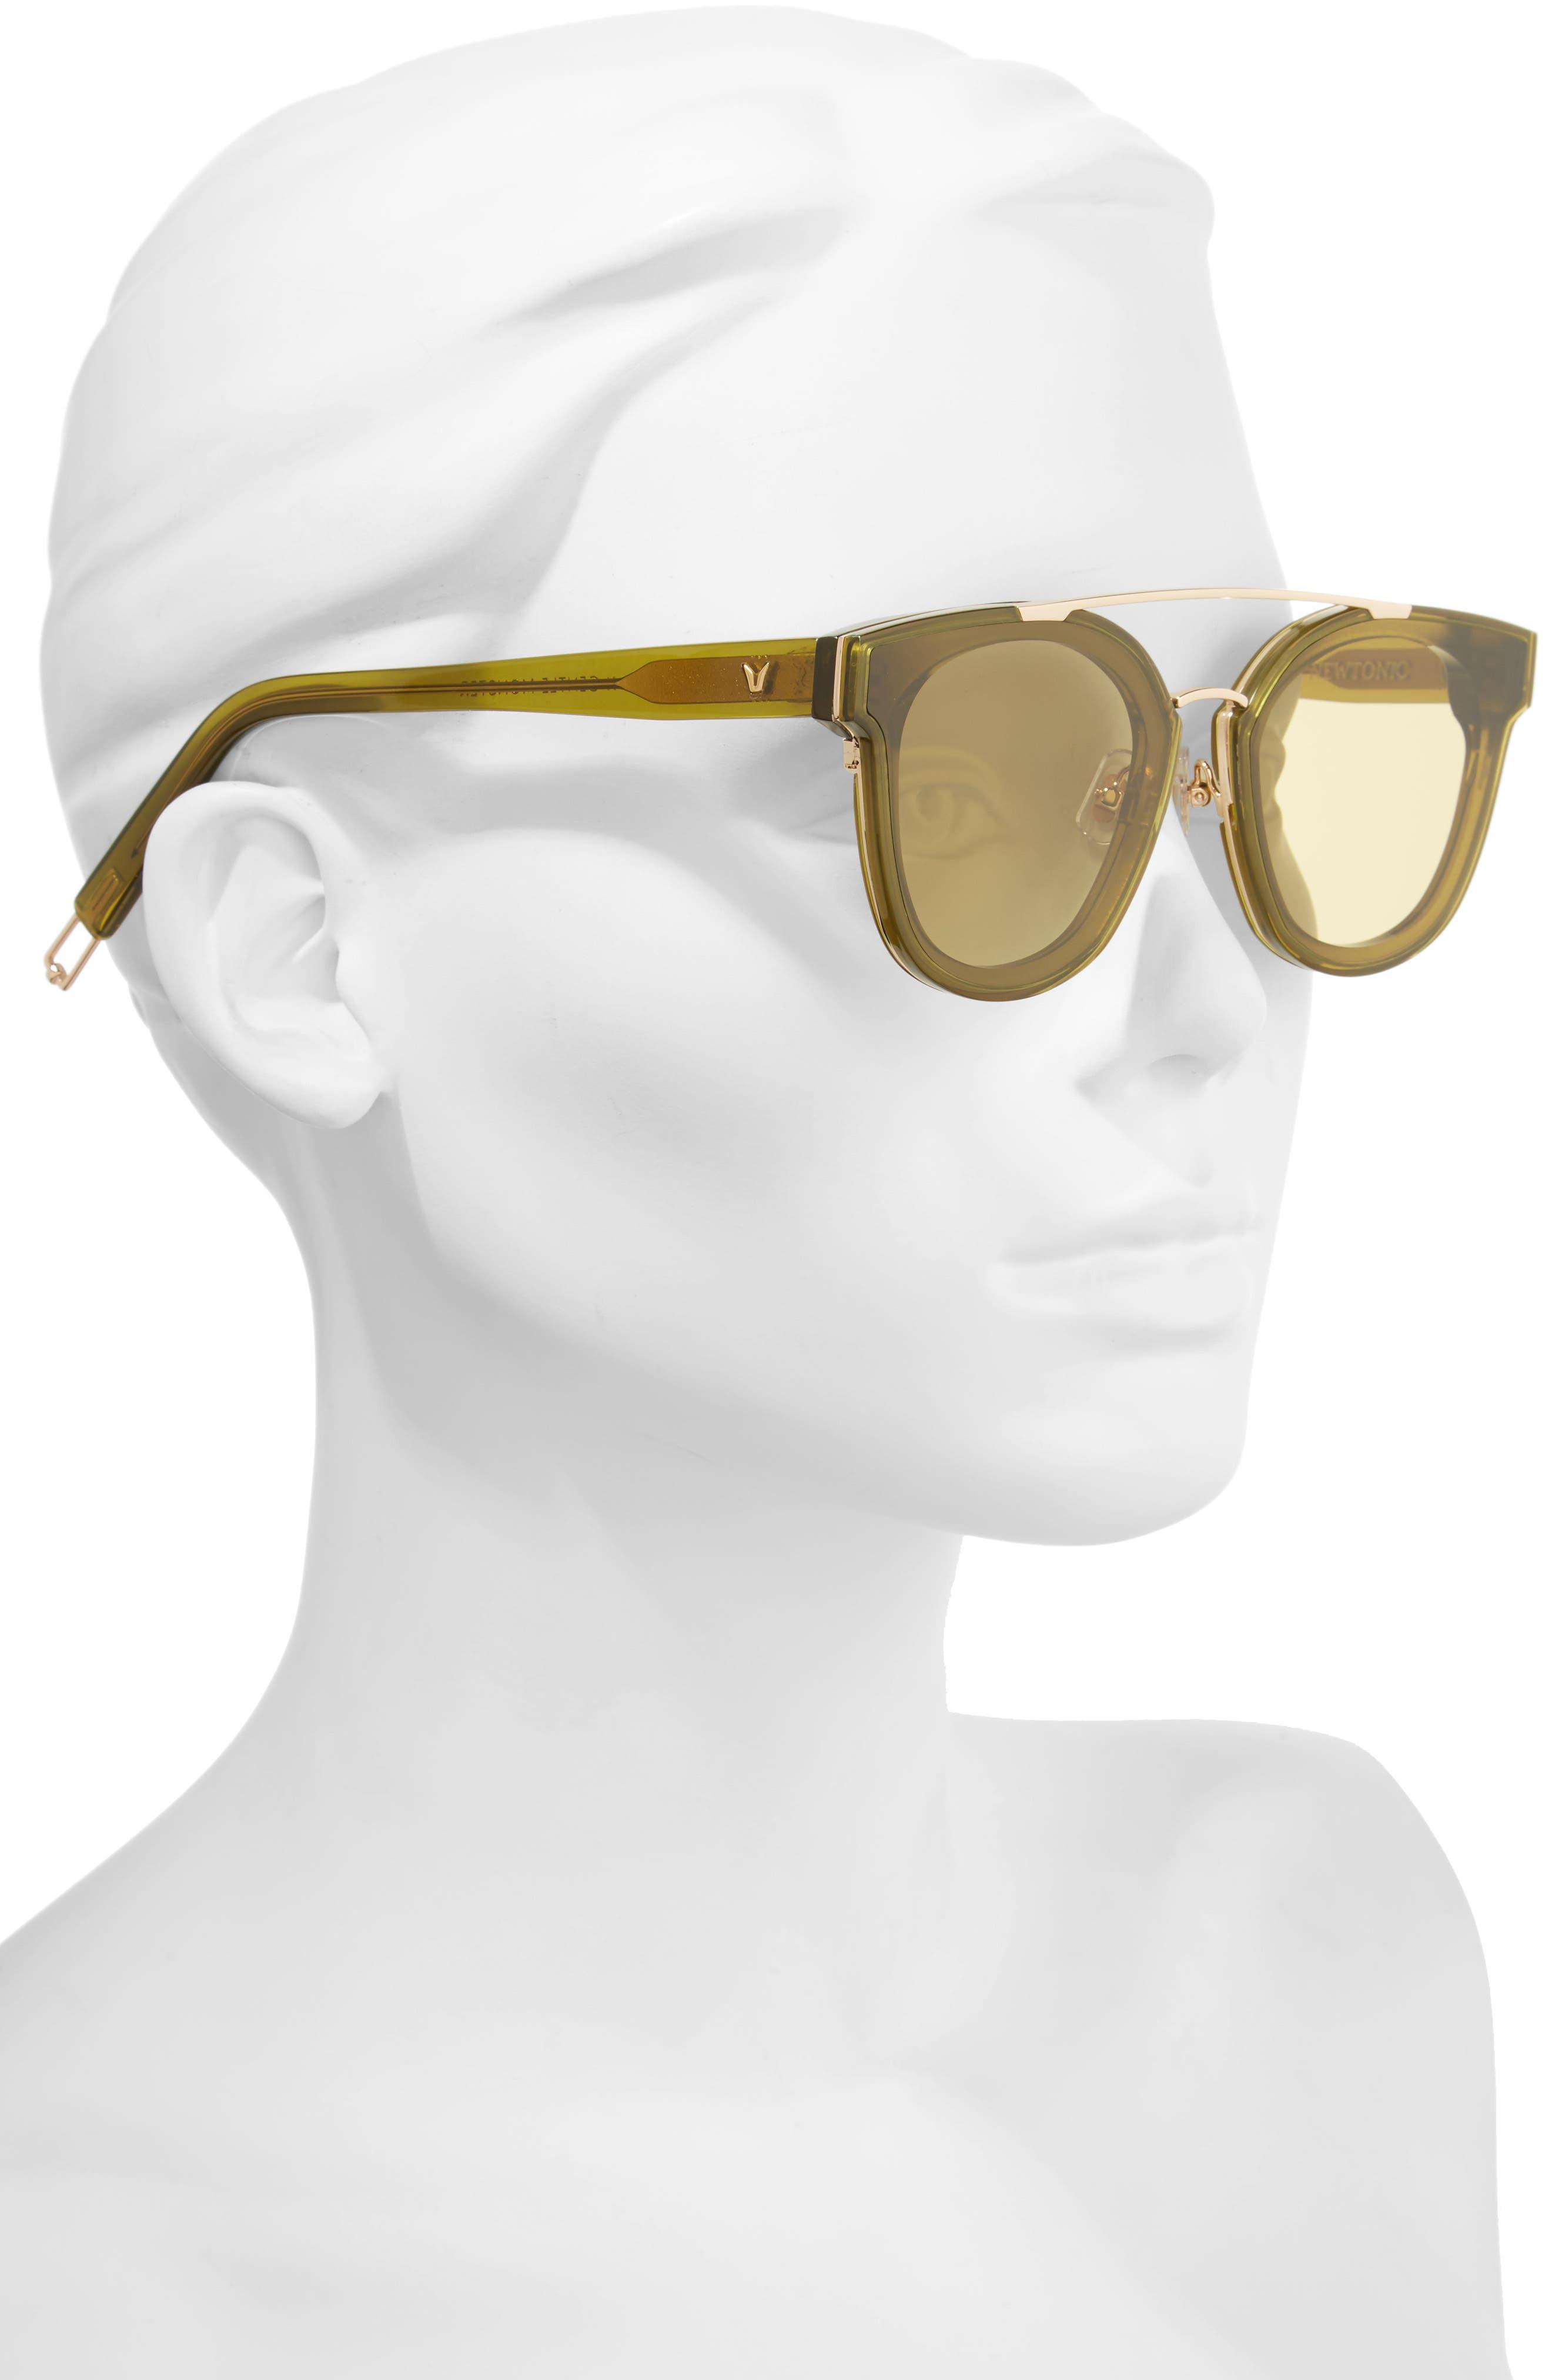 Tilda Swinton x Gentle Monster Newtonic 60mm Rounded Sunglasses,                             Alternate thumbnail 6, color,